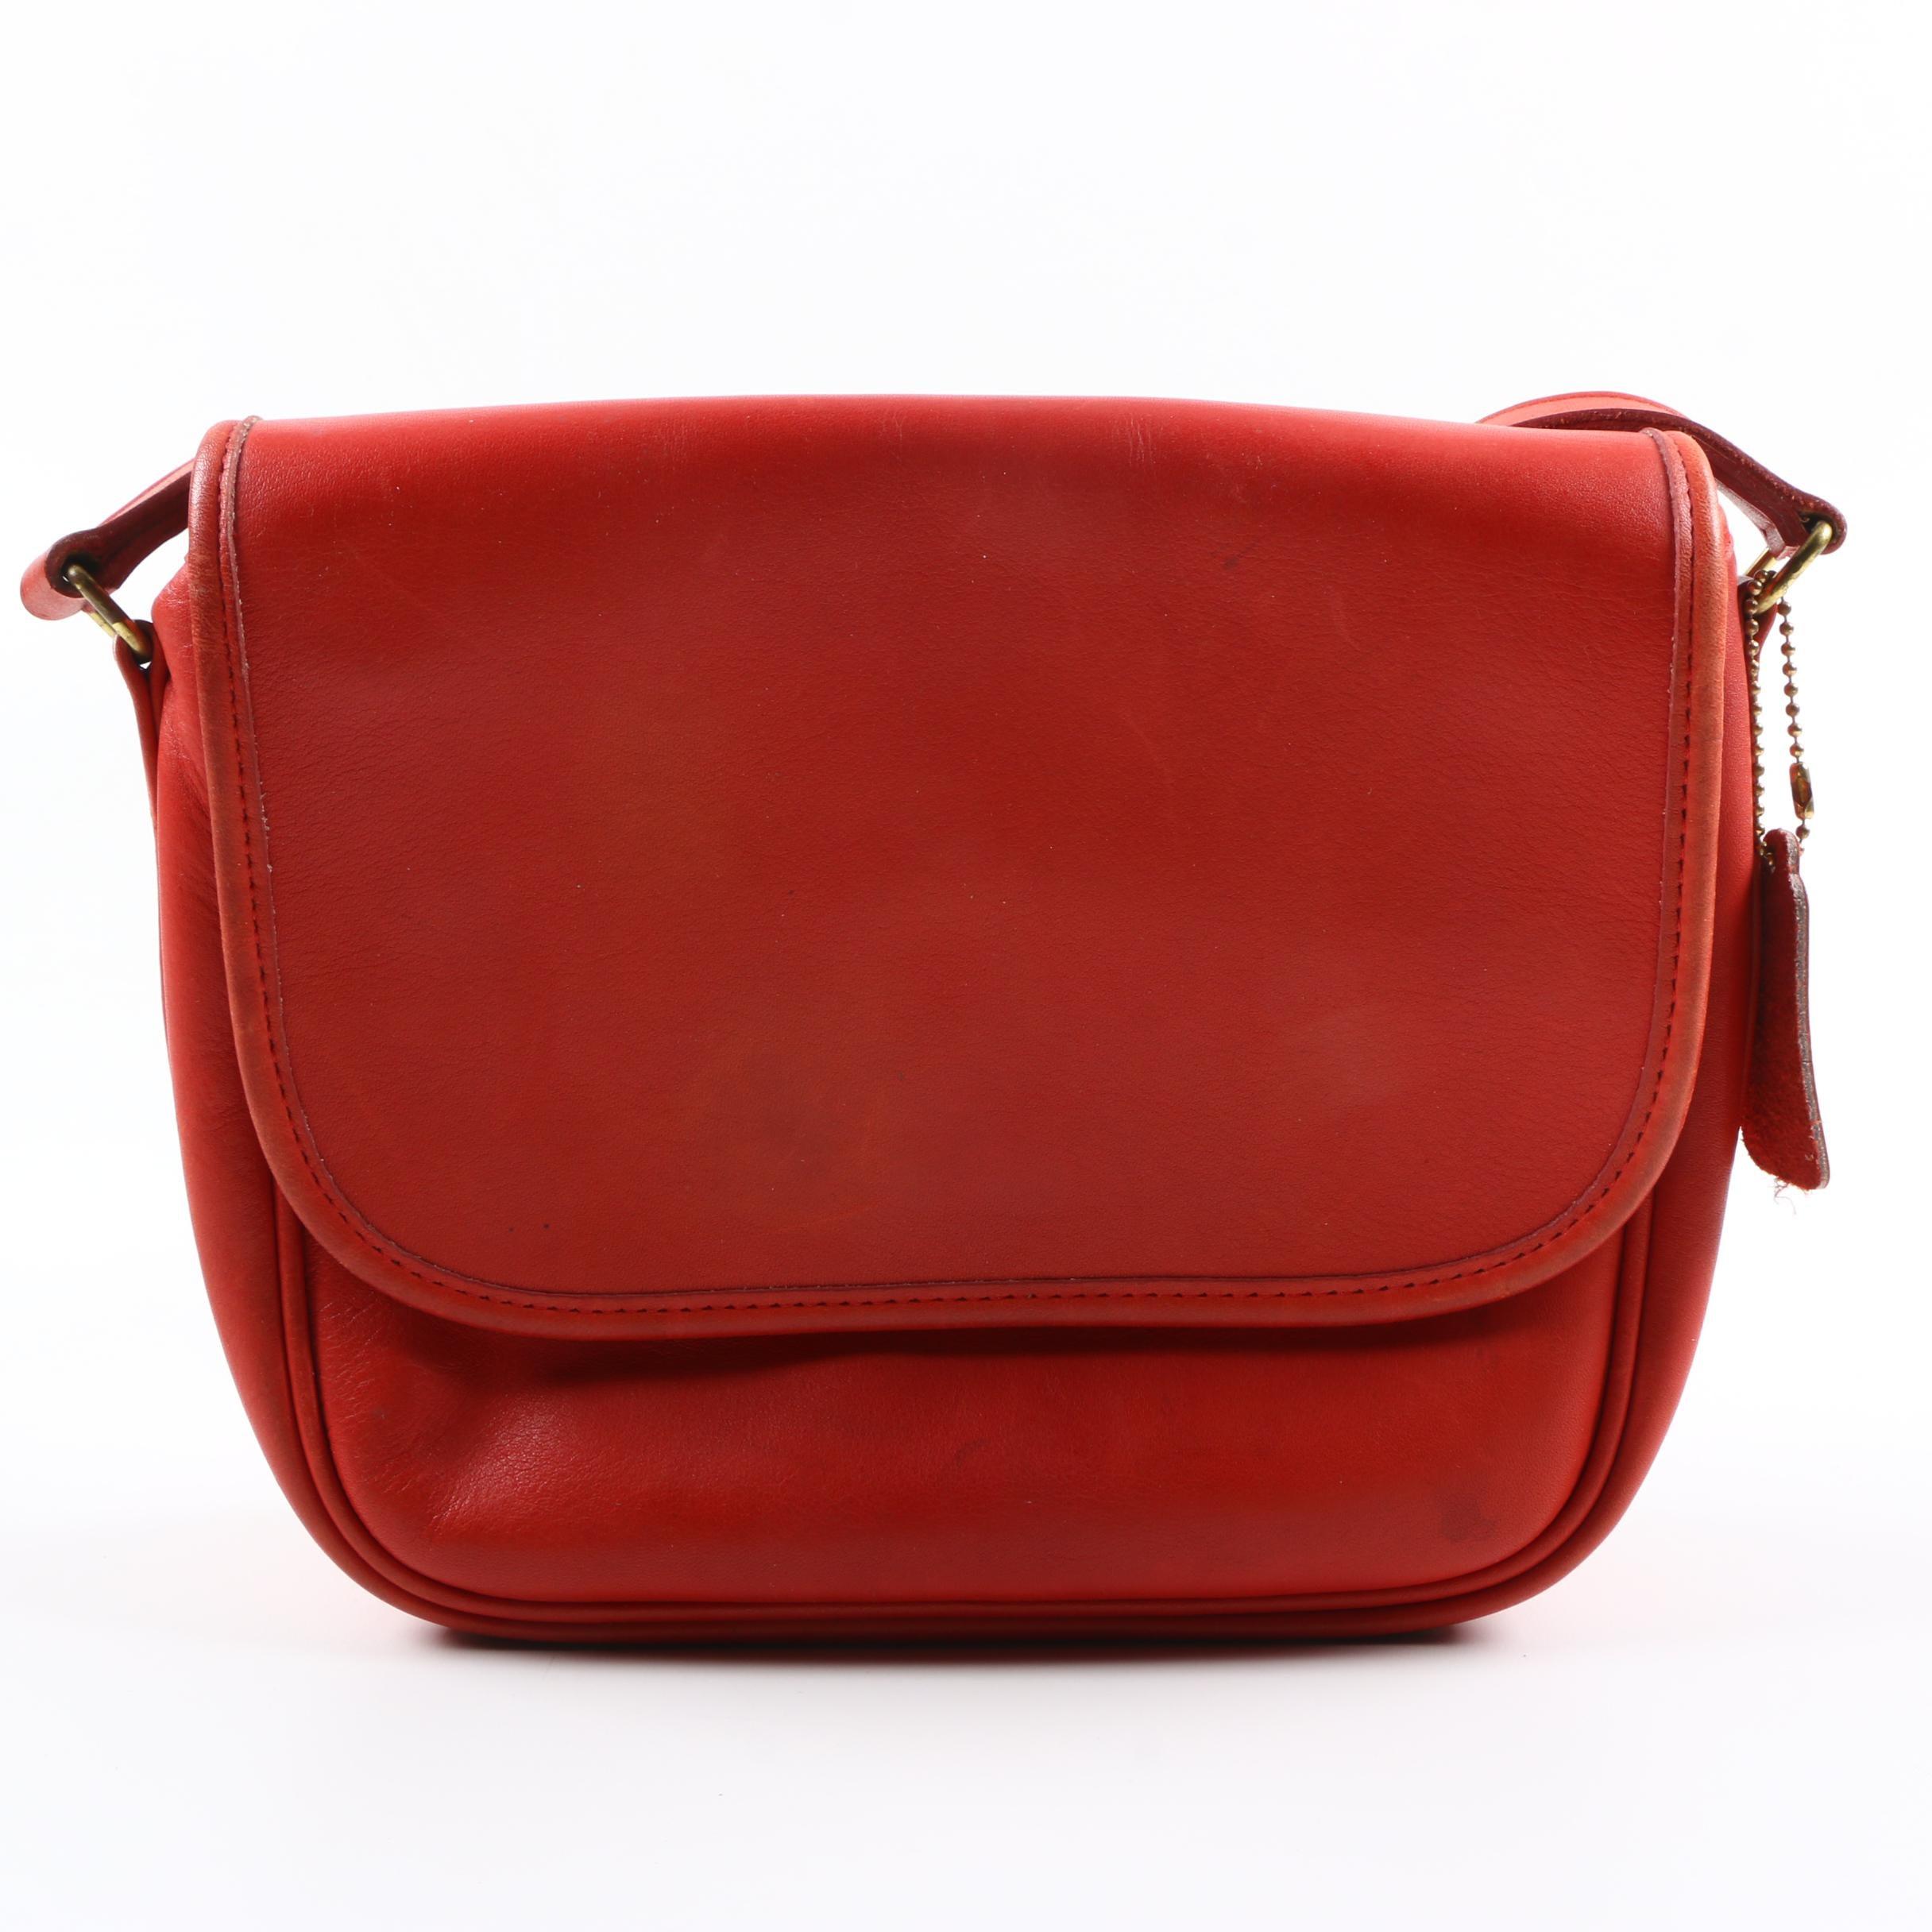 Vintage Coach Red Leather Shoulder Bag